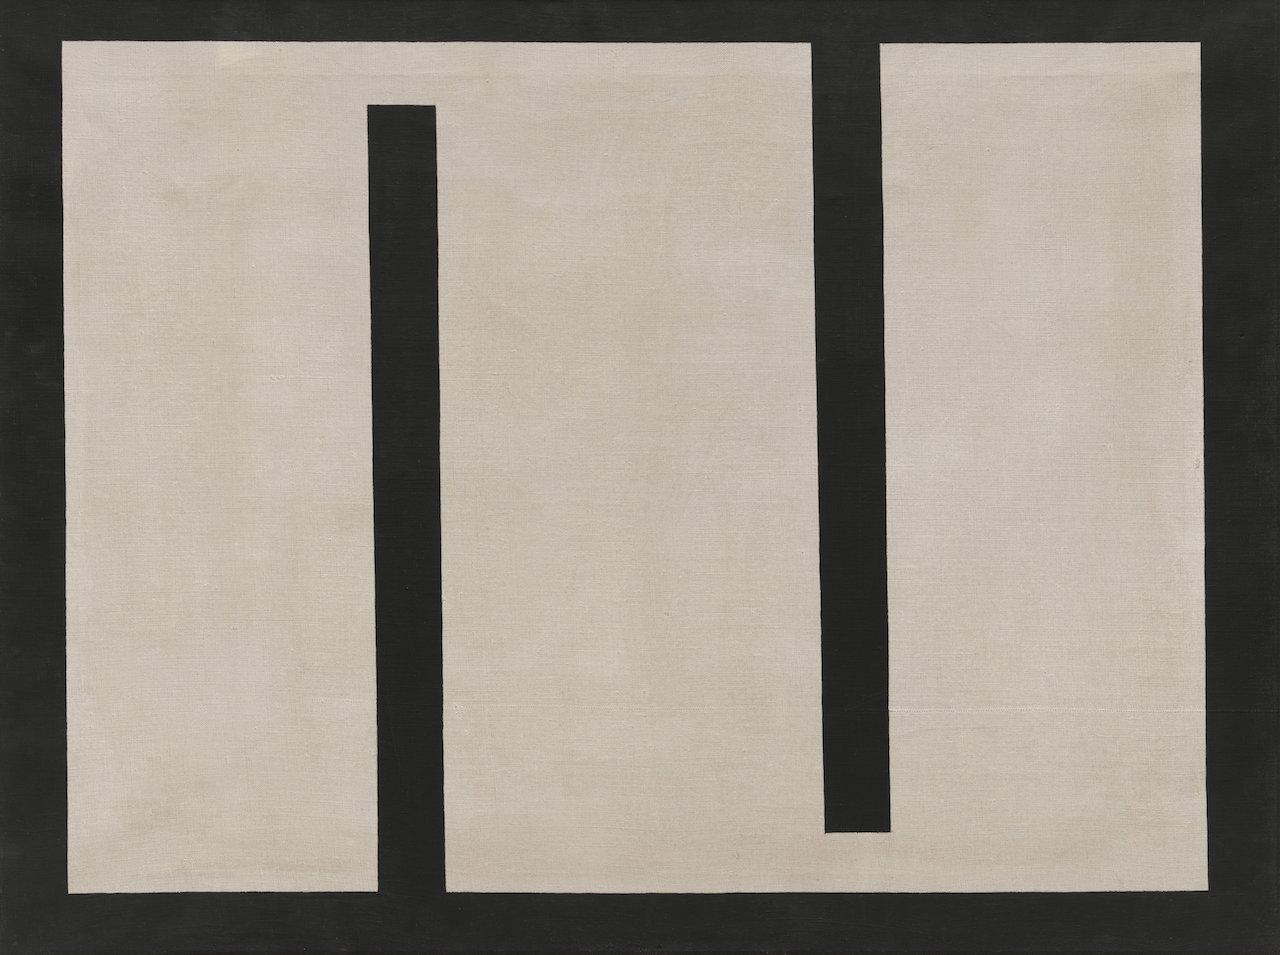 """Julije Knifer, """"Meander No. 5"""" (1960), oil on canvas"""